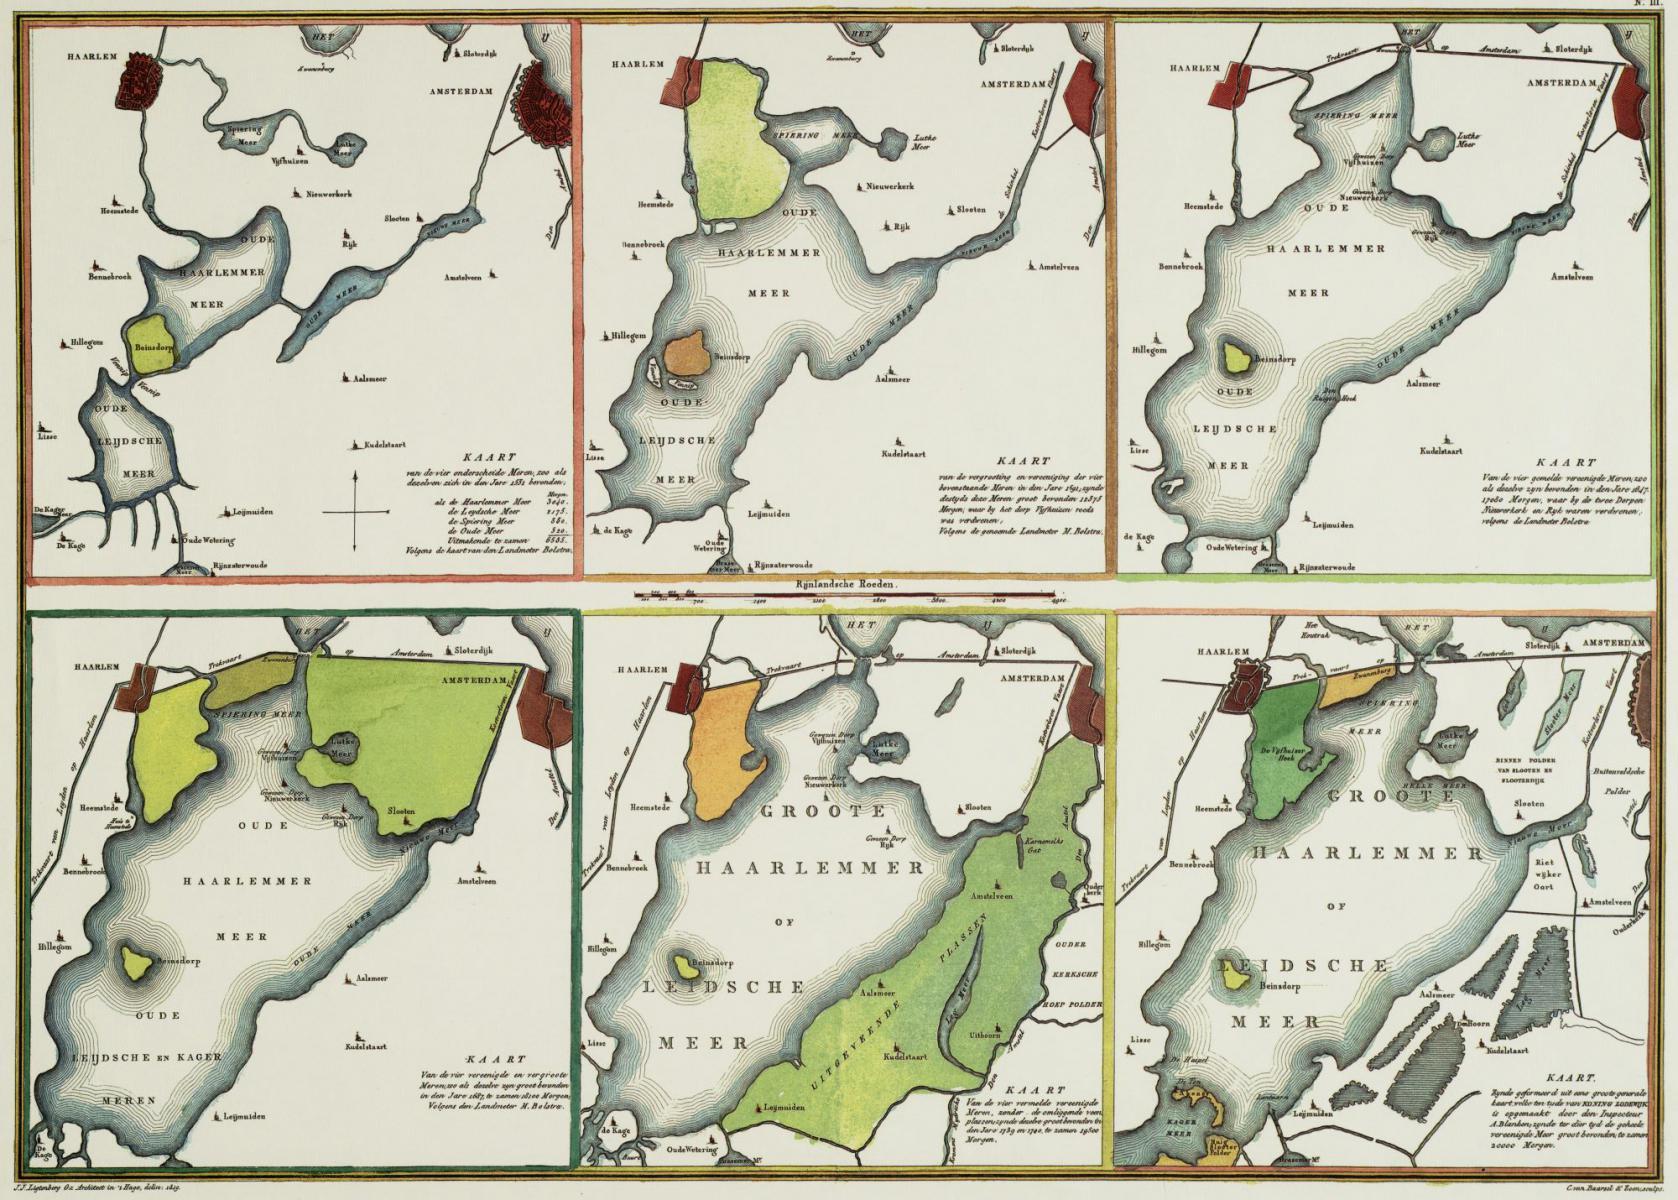 10. Ligtenberg 1819